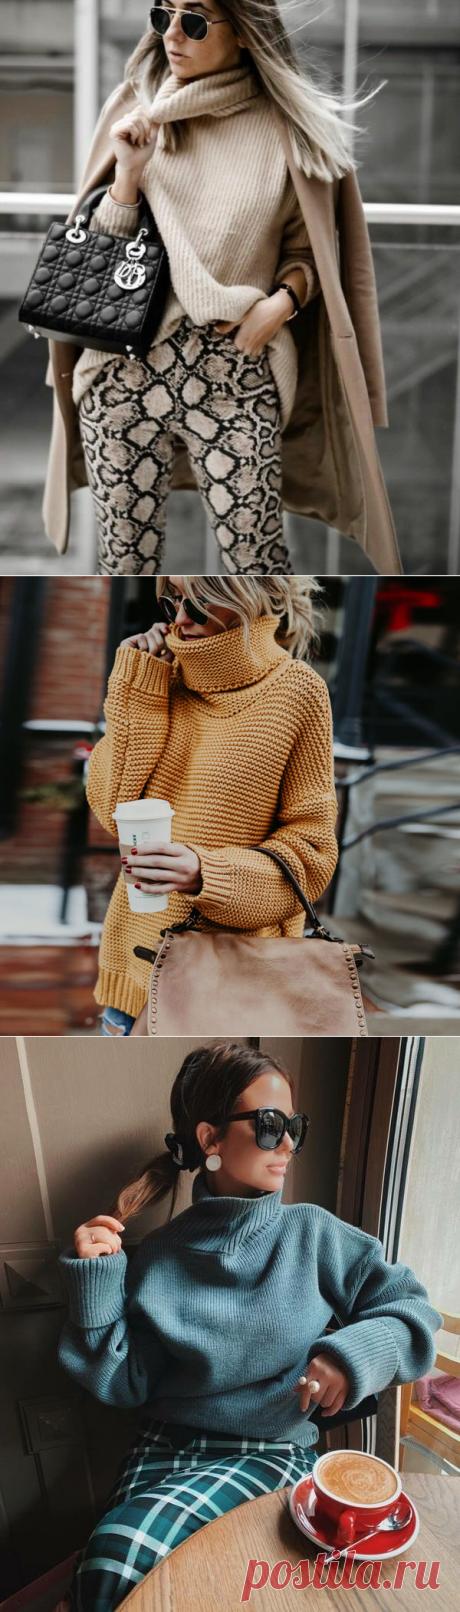 Что из зимних вещей модные женщины покупают уже сейчас, чтобы выглядеть стильно в холода   Жизненный Калейдоскоп   Яндекс Дзен